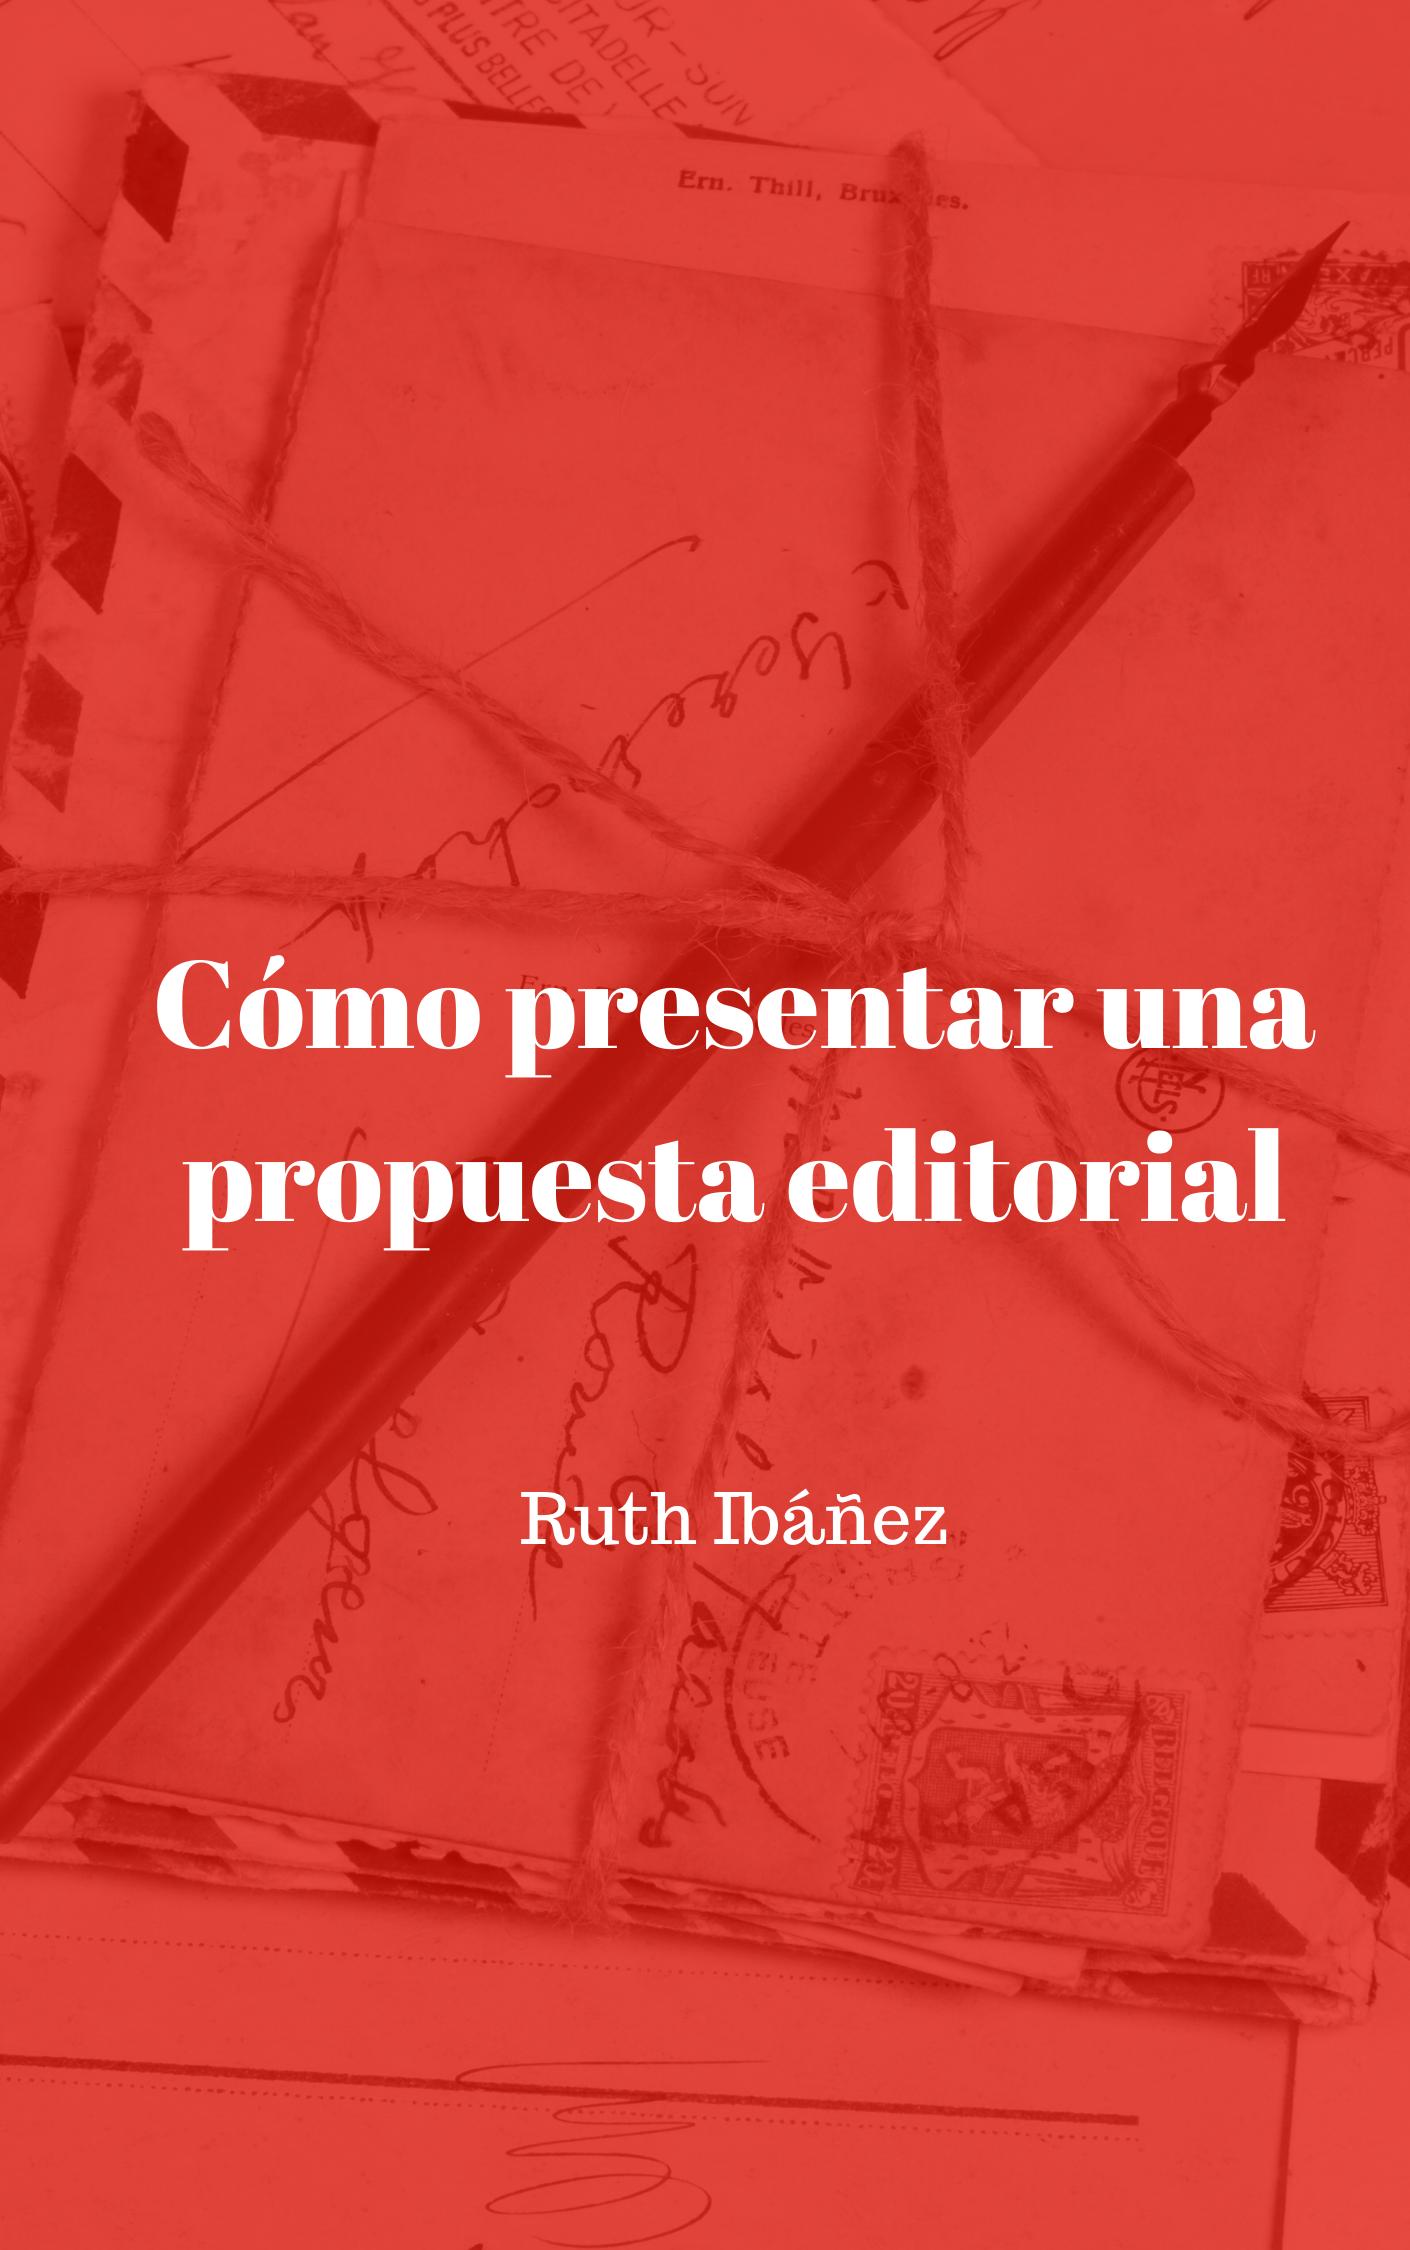 cómo presentar una propuesta editorial